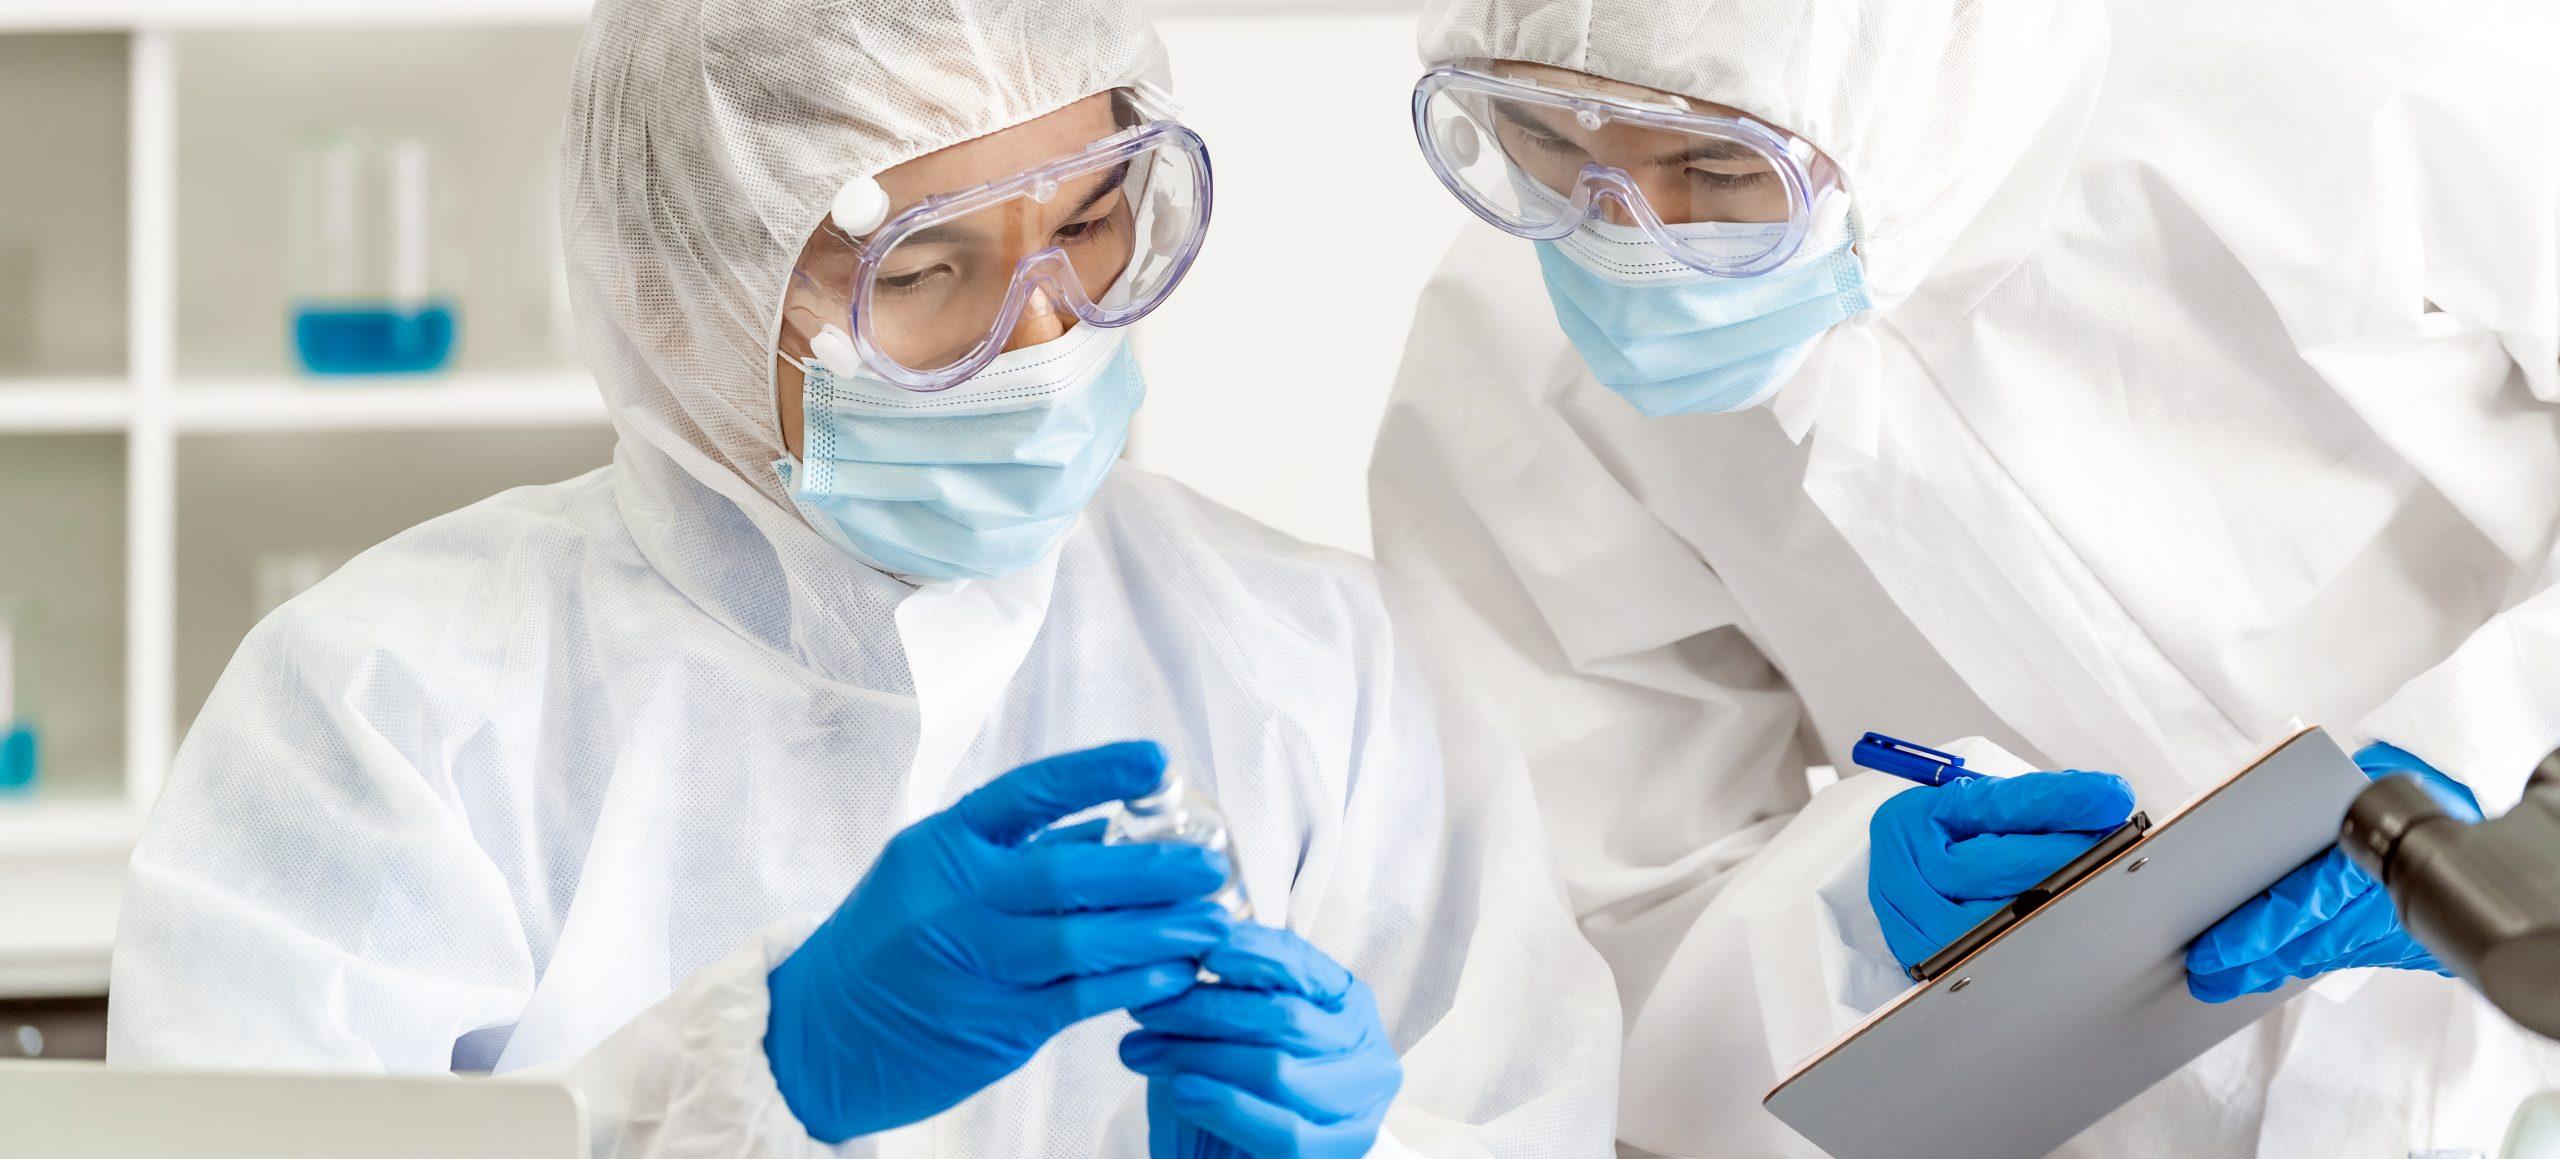 Dva lékaři v rouškách a ochranných oblecích zkoumající očkovací látku